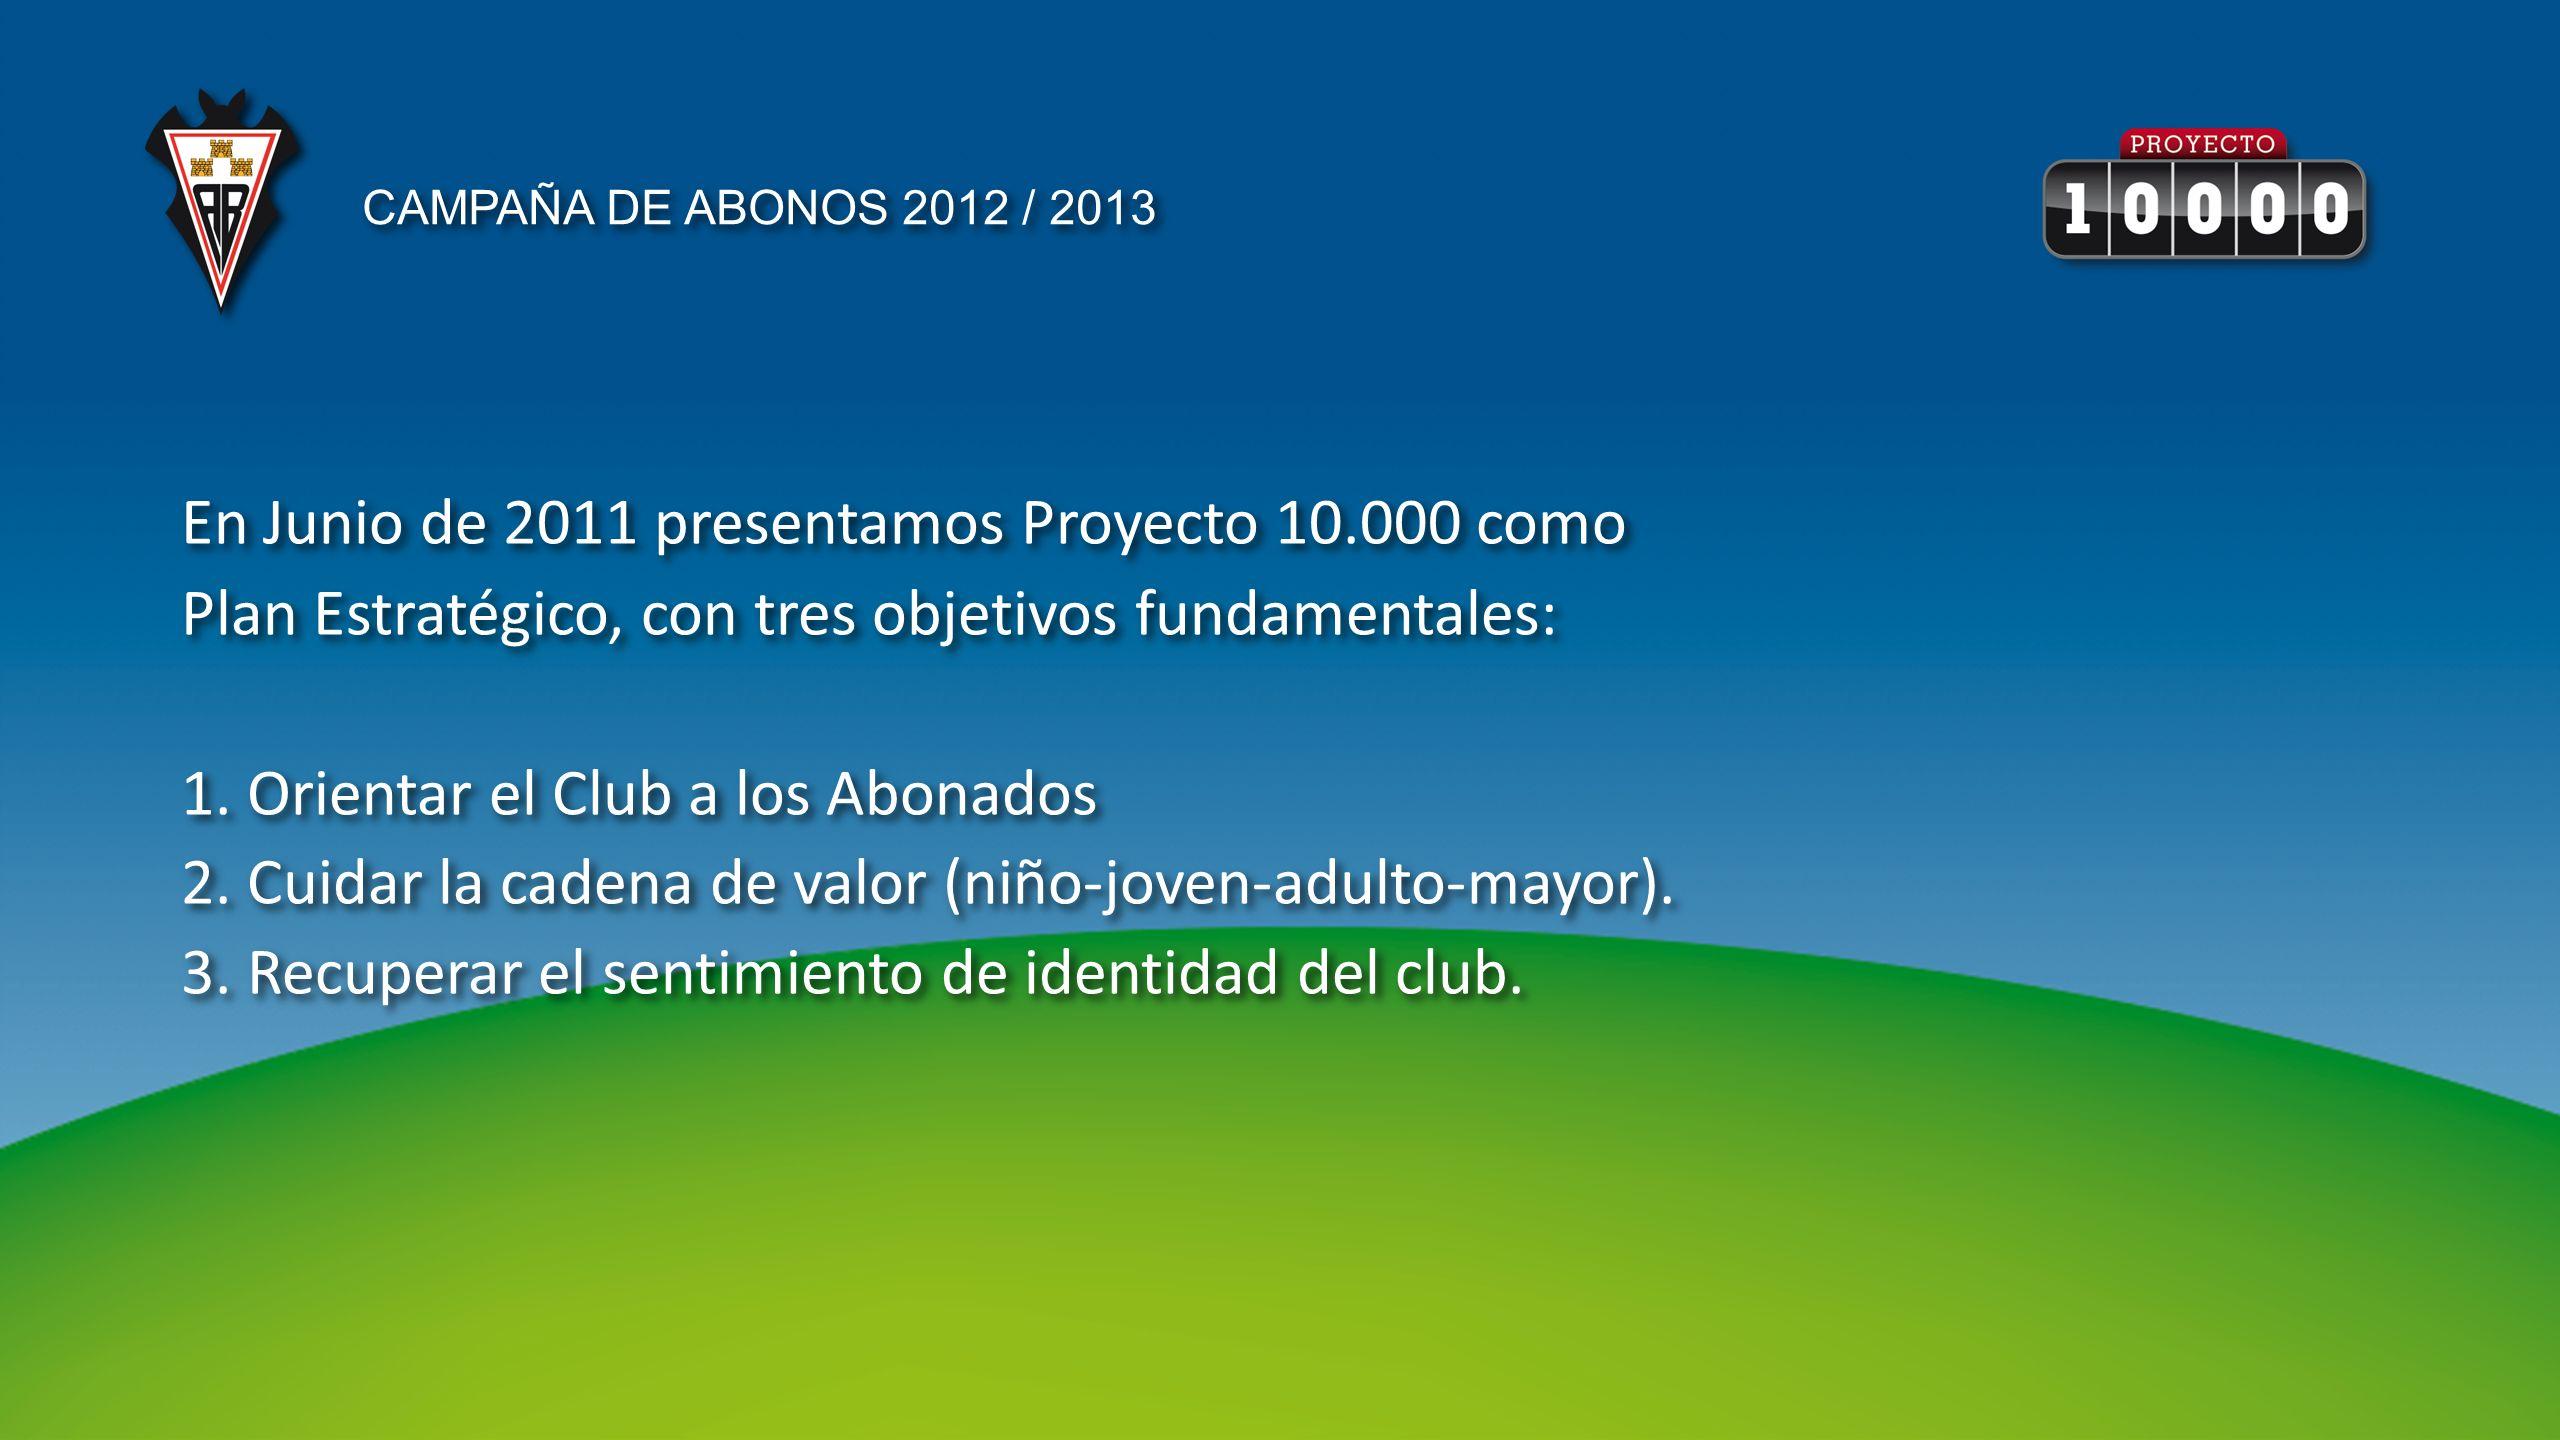 En Junio de 2011 presentamos Proyecto 10.000 como Plan Estratégico, con tres objetivos fundamentales: 1. Orientar el Club a los Abonados 2. Cuidar la